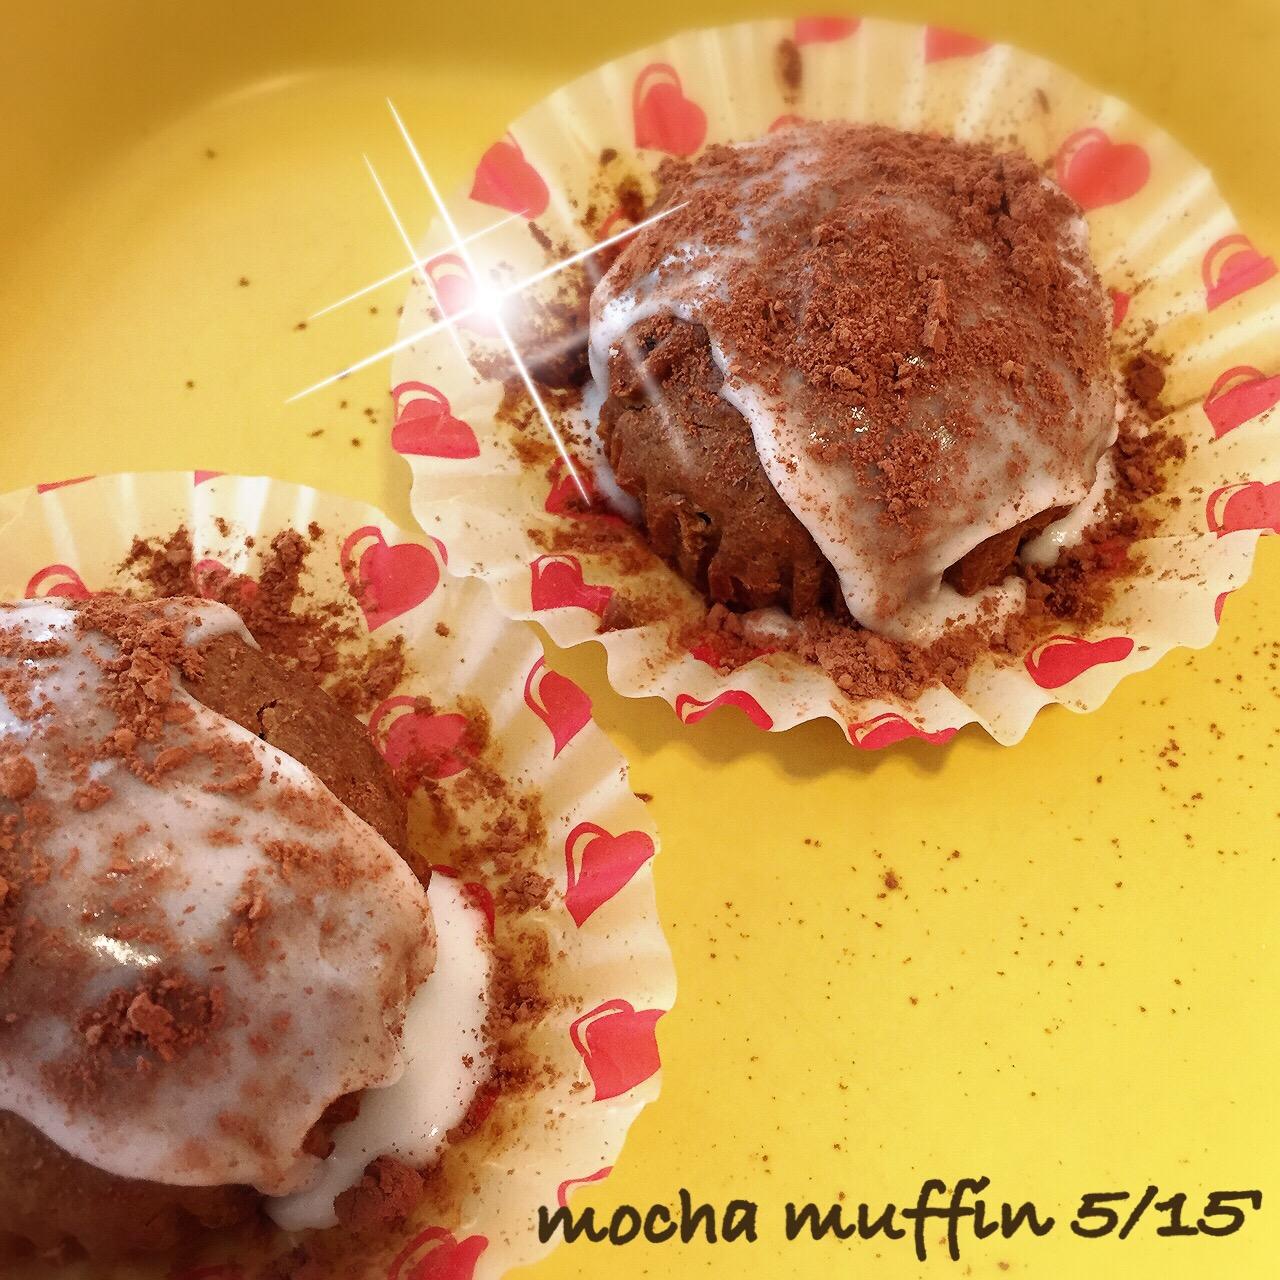 C: Mocha Muffin